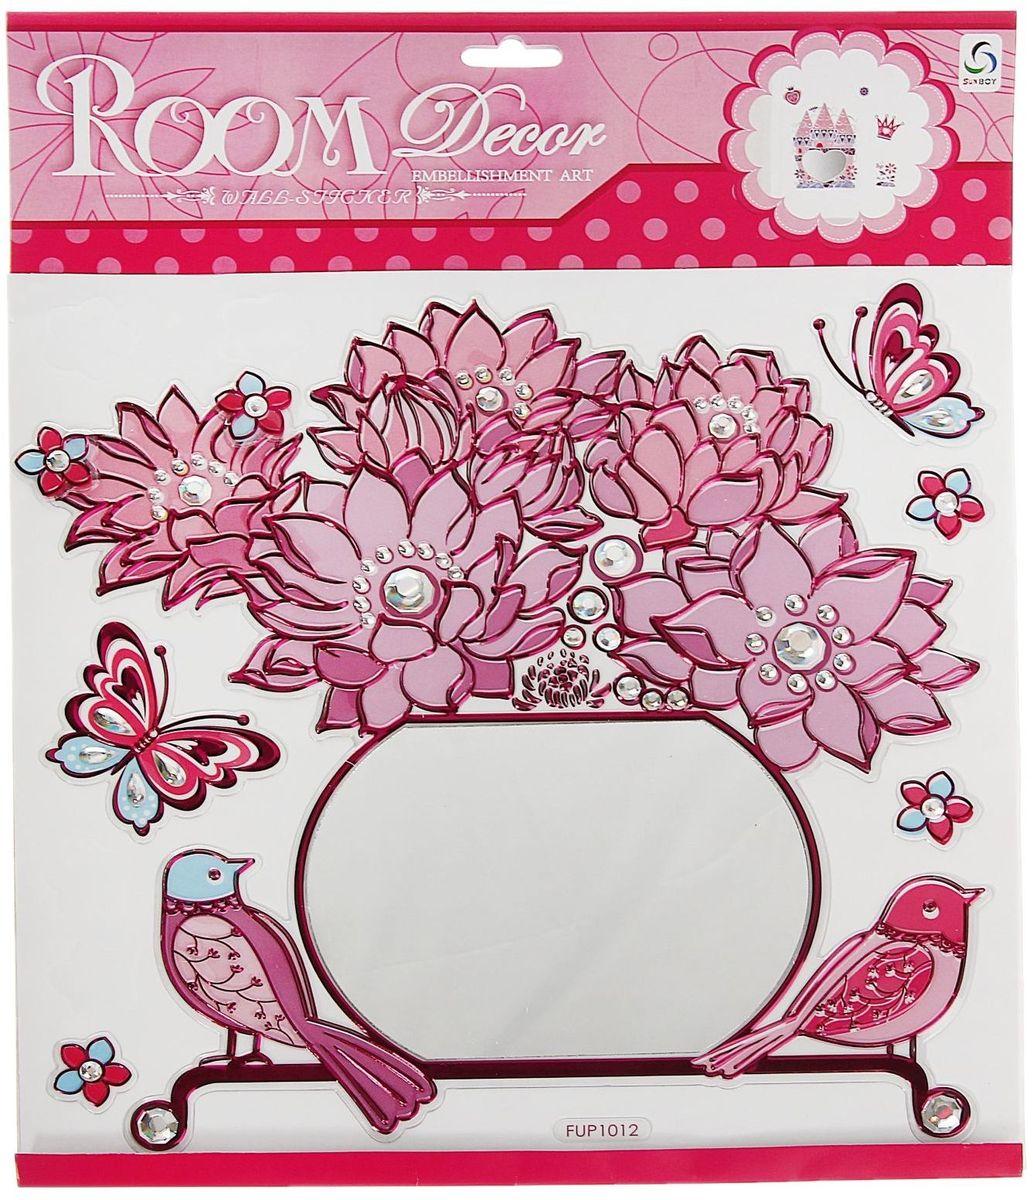 Room Decor Наклейка зеркальная Ваза с цветами850087Такая эффектная наклейка зеркальная Ваза с цветами не доставит особых хлопот с ее нанесением на поверхность. Её можно наклеить на стены в детской, спальной или прихожей, на скрап-изделие, предметы интерьера и многое другое.Стоит отметить, что это не просто обычная наклейка, ее поверхность создана из специального материала, который зрительно расширяет всю композицию. Благодаря этому она становится светлей и переливается в лучах света.Разработайте собственный стиль в дизайне любой комнаты!